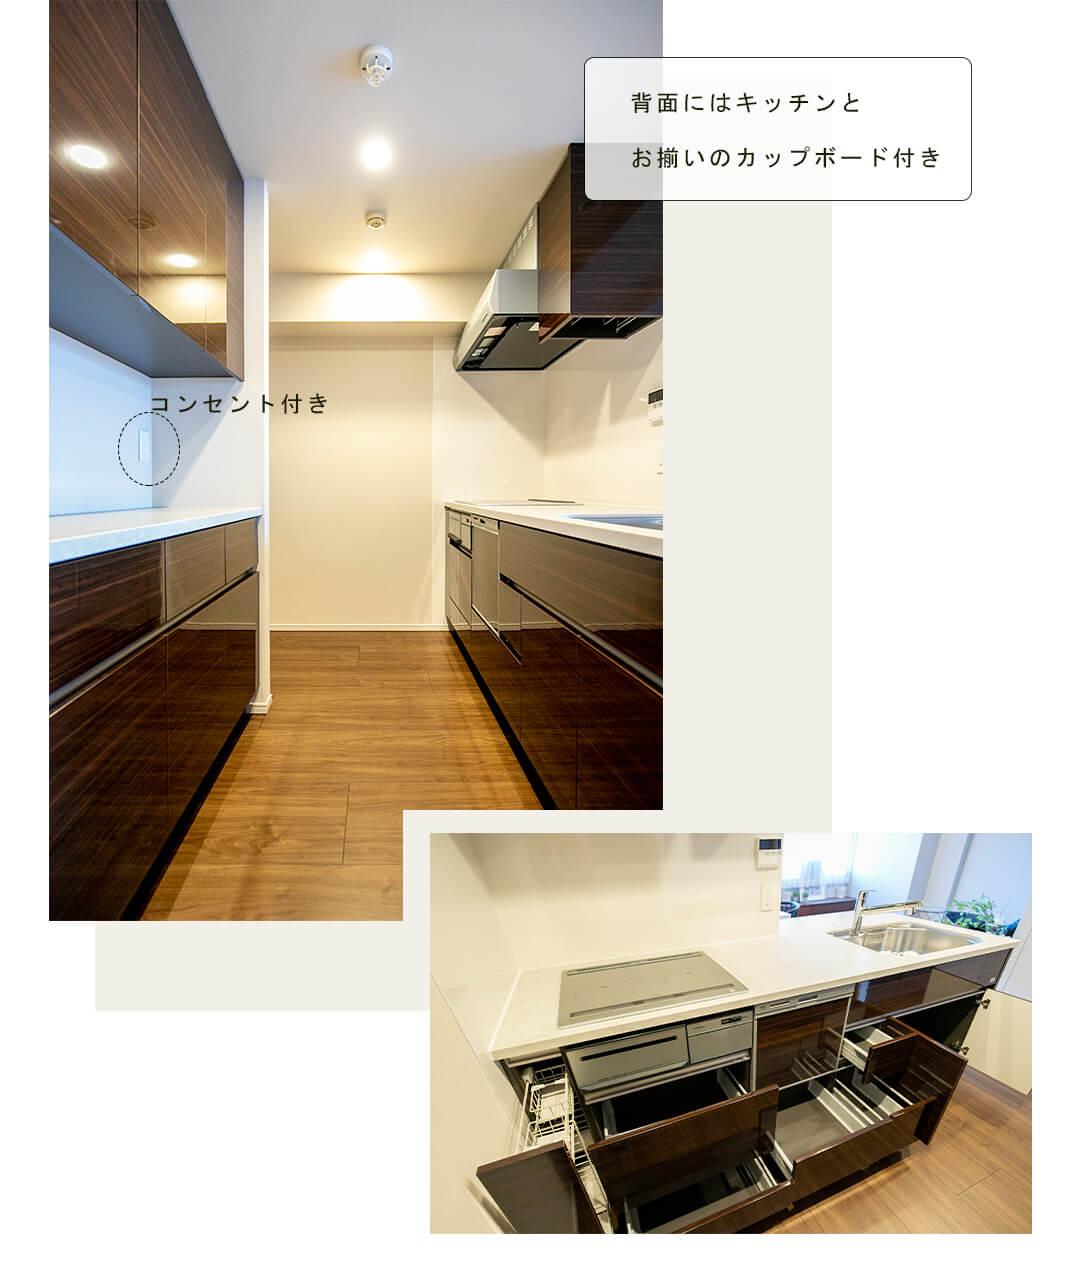 ライオンズマンション乃木坂のキッチン